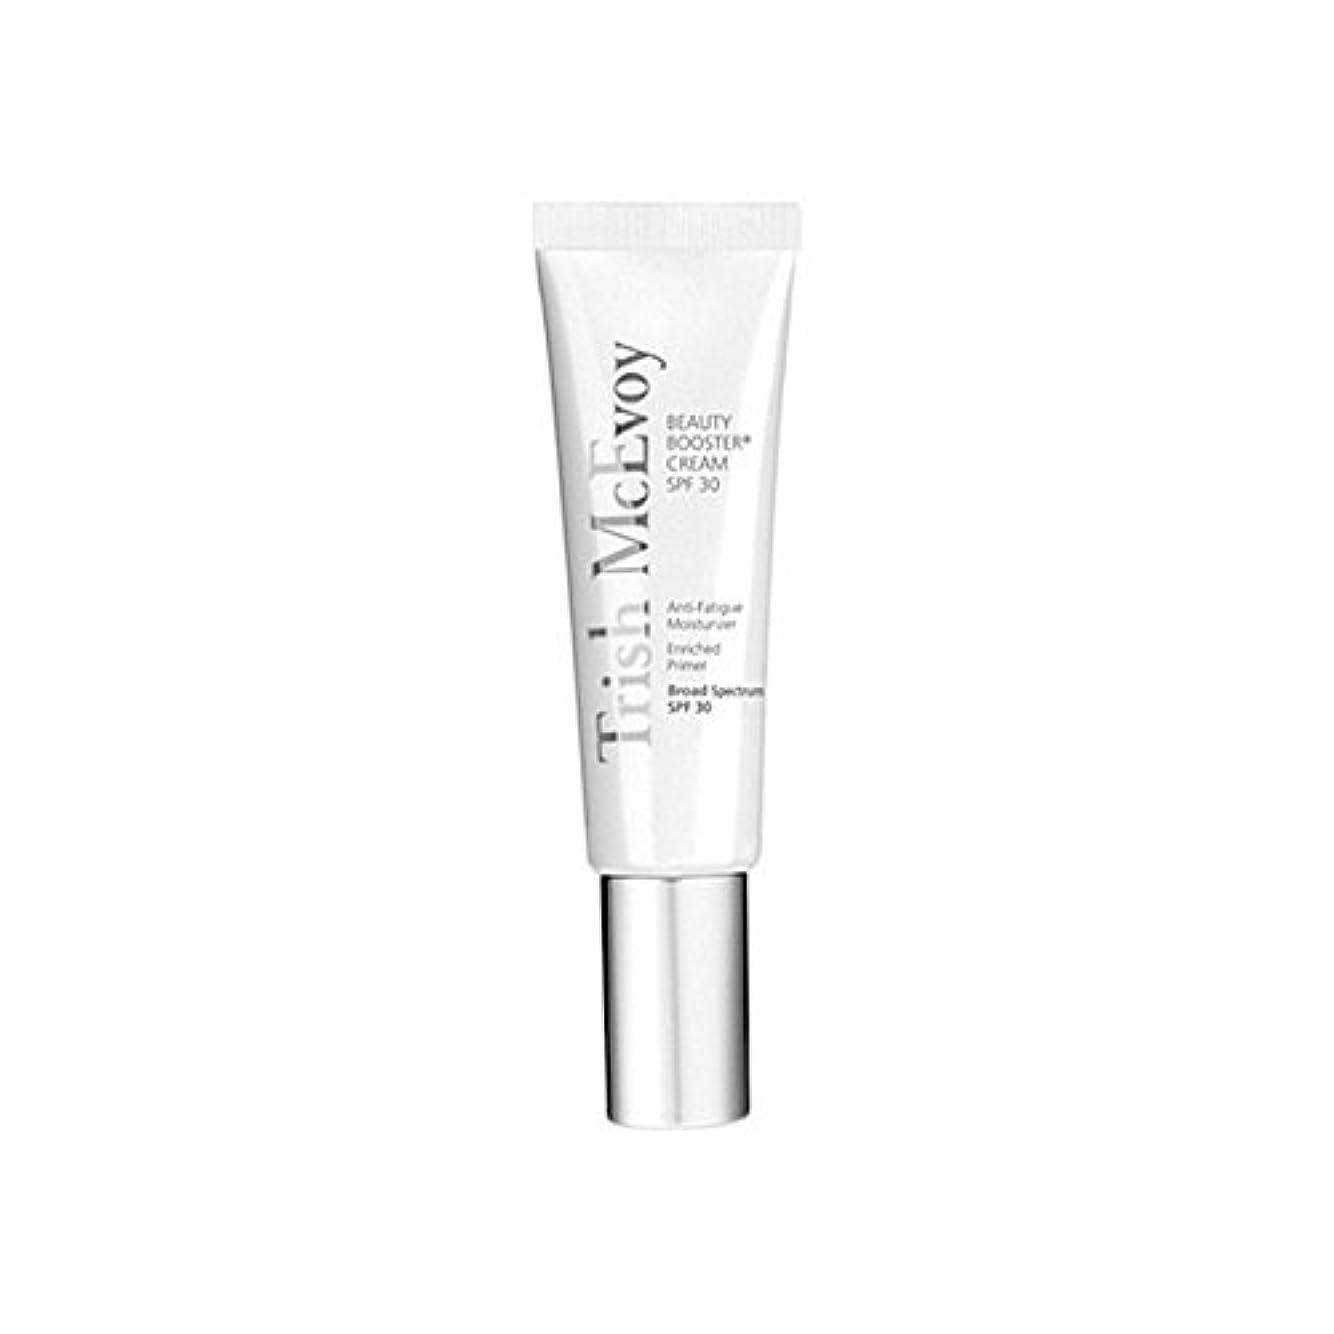 シャワー個性消防士Trish Mcevoy Beauty Booster Cream Spf 30 55ml (Pack of 6) - トリッシュ?マクエボイの美しブースタークリーム 30 55ミリリットル x6 [並行輸入品]